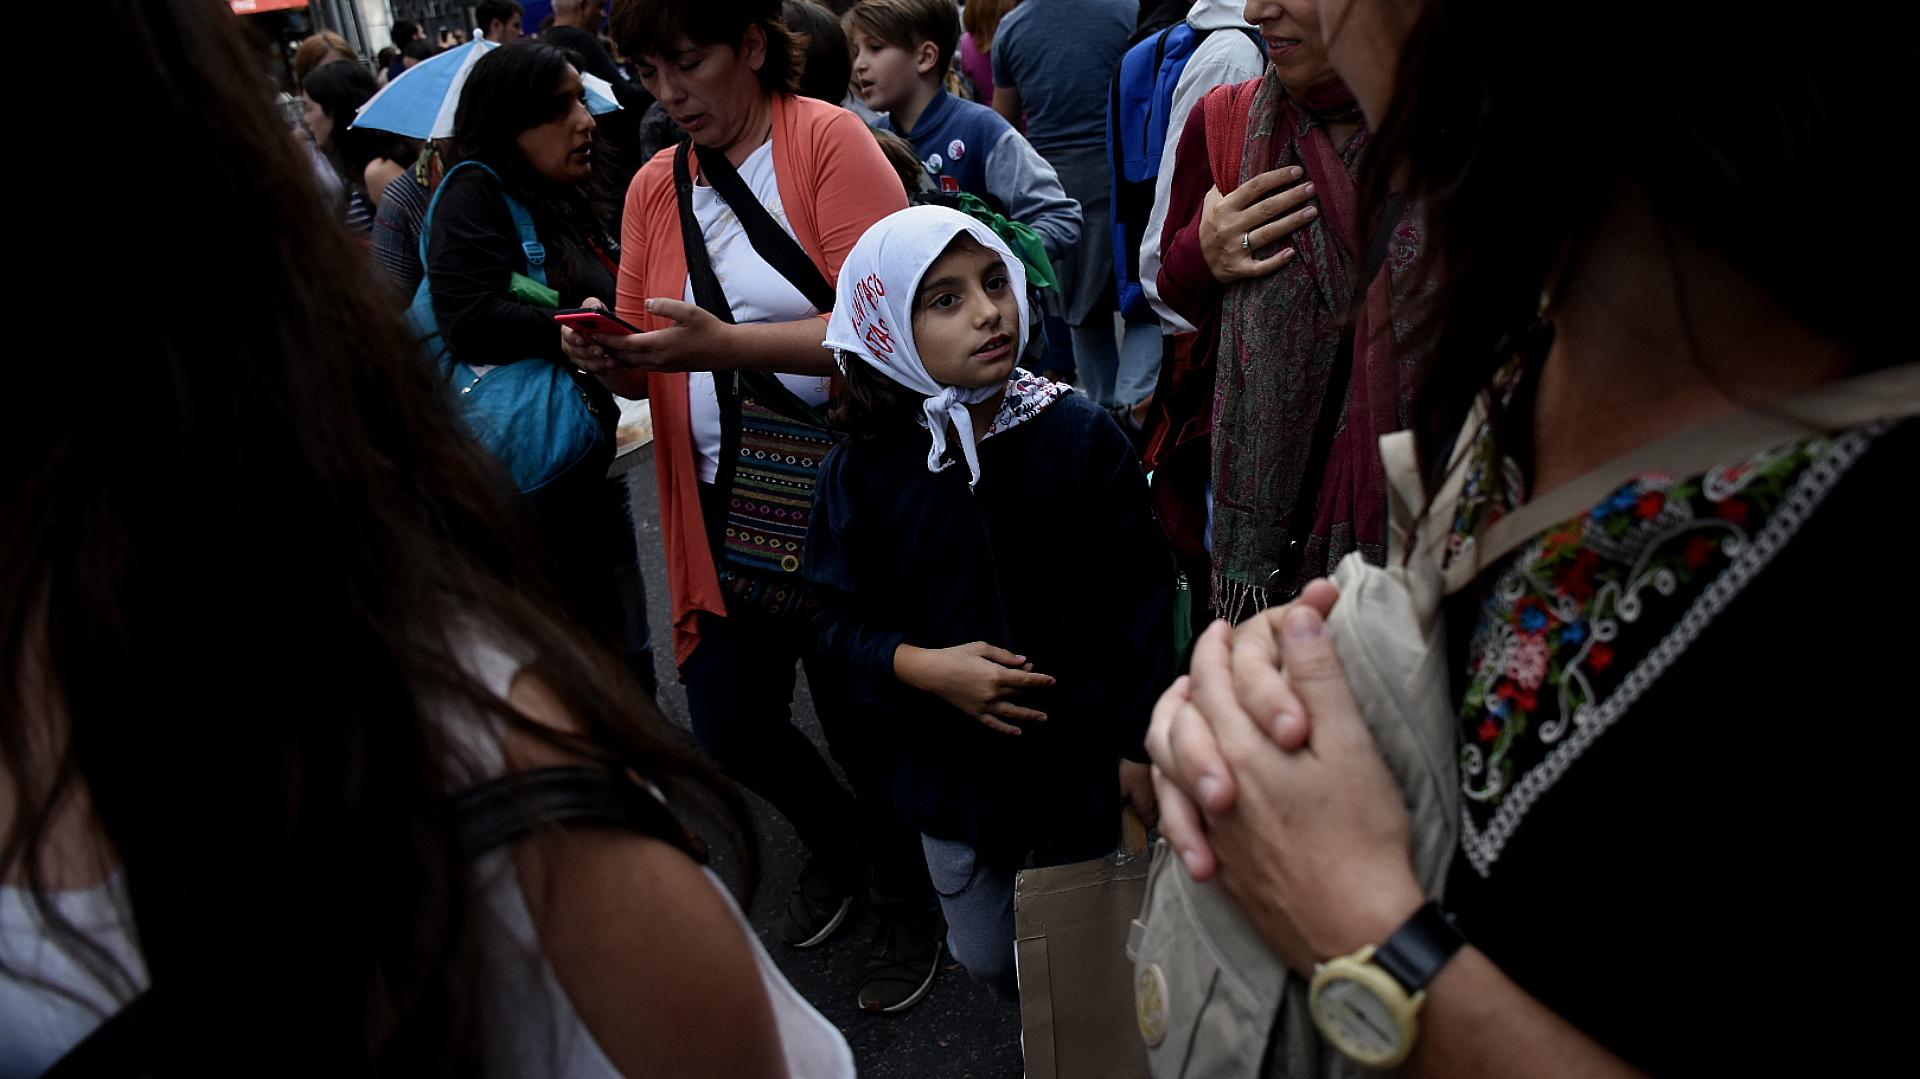 En la plaza hubo muchos jóvenes y chicos que participaron de la marcha